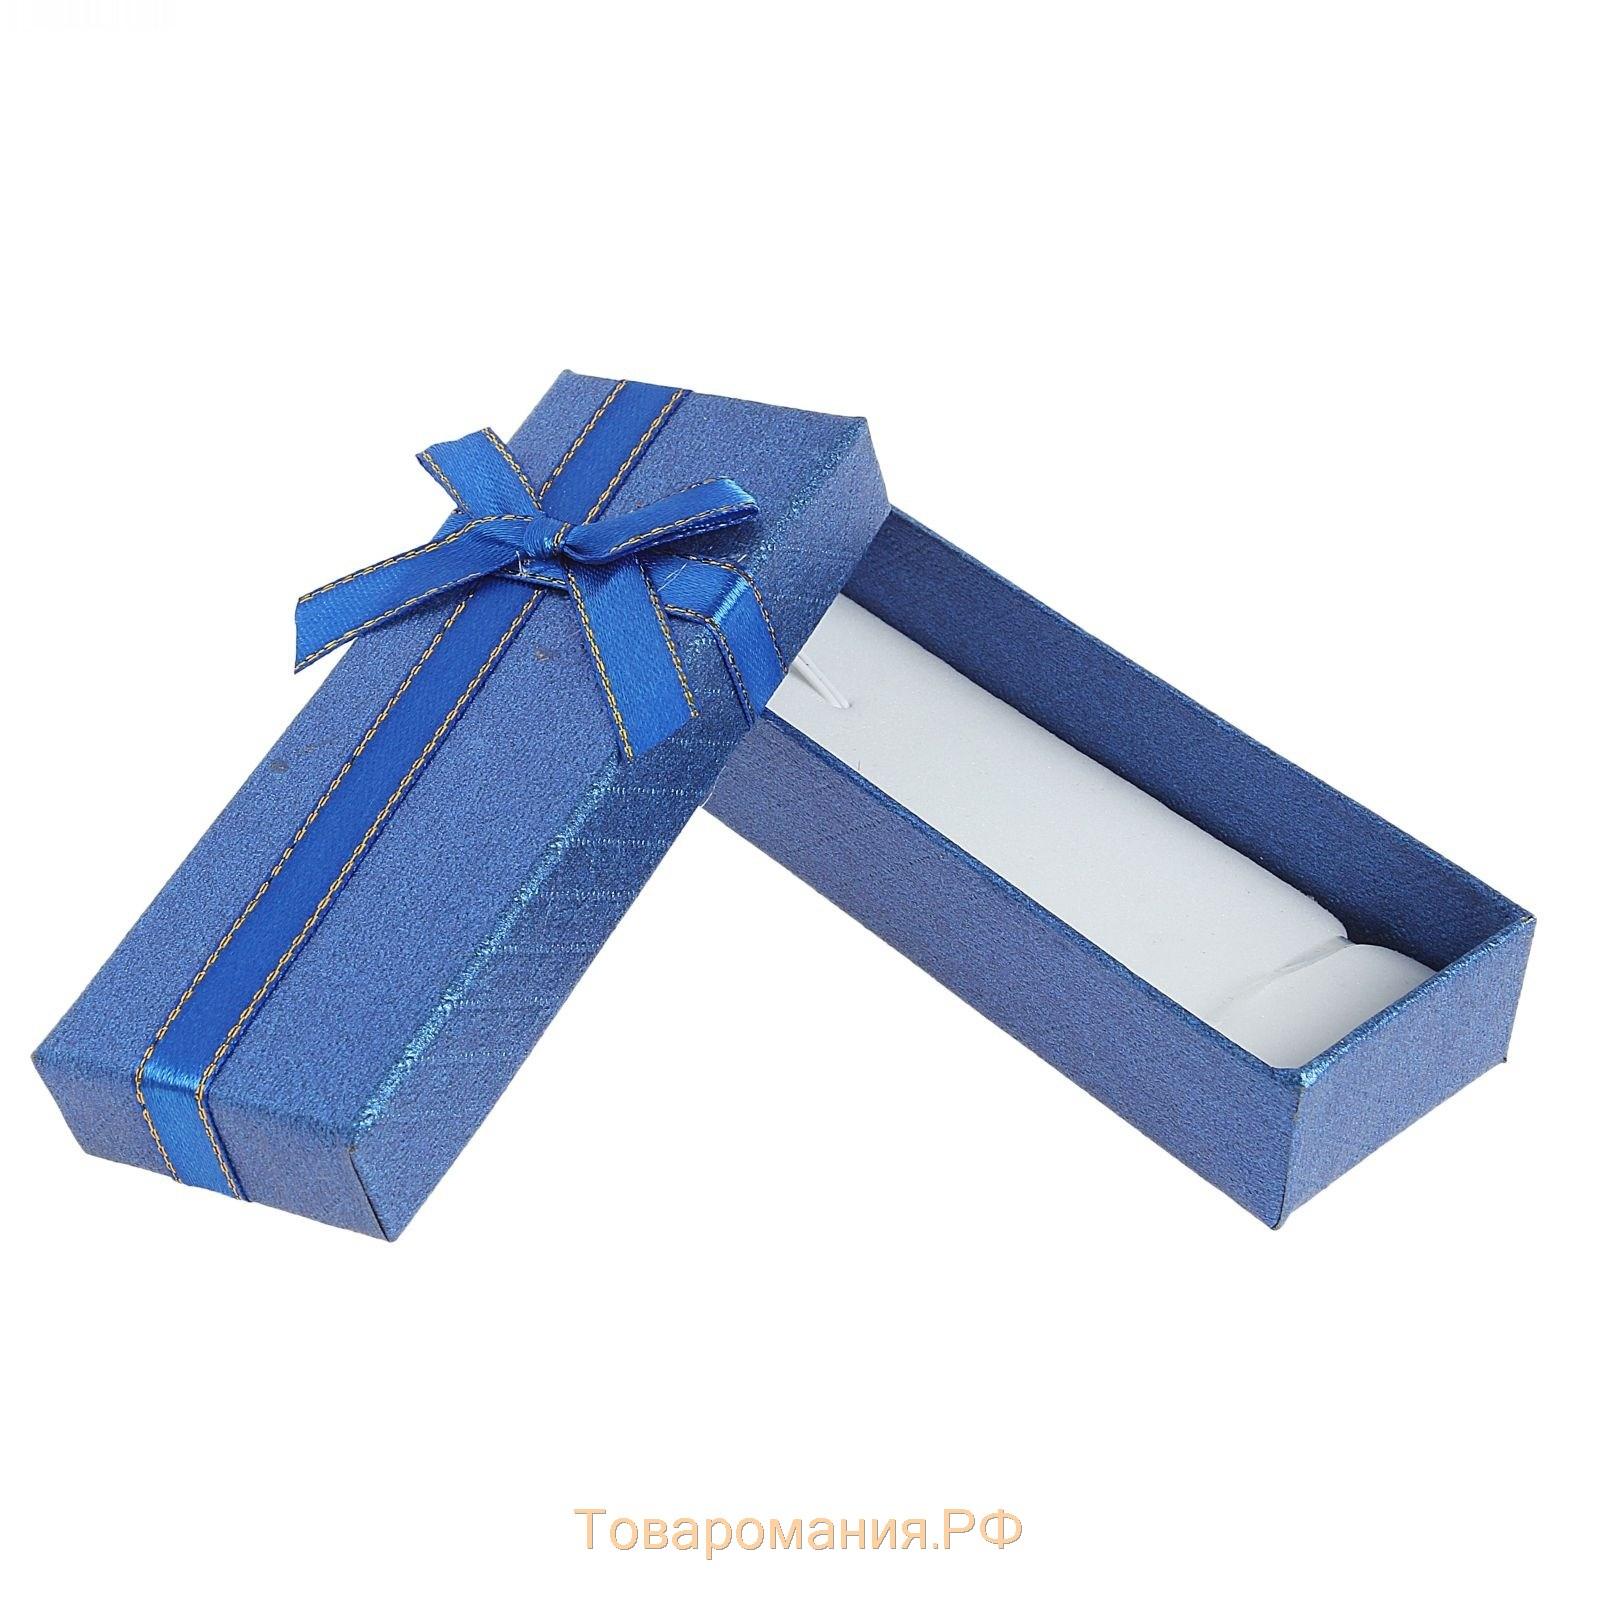 Упаковка для цепочки